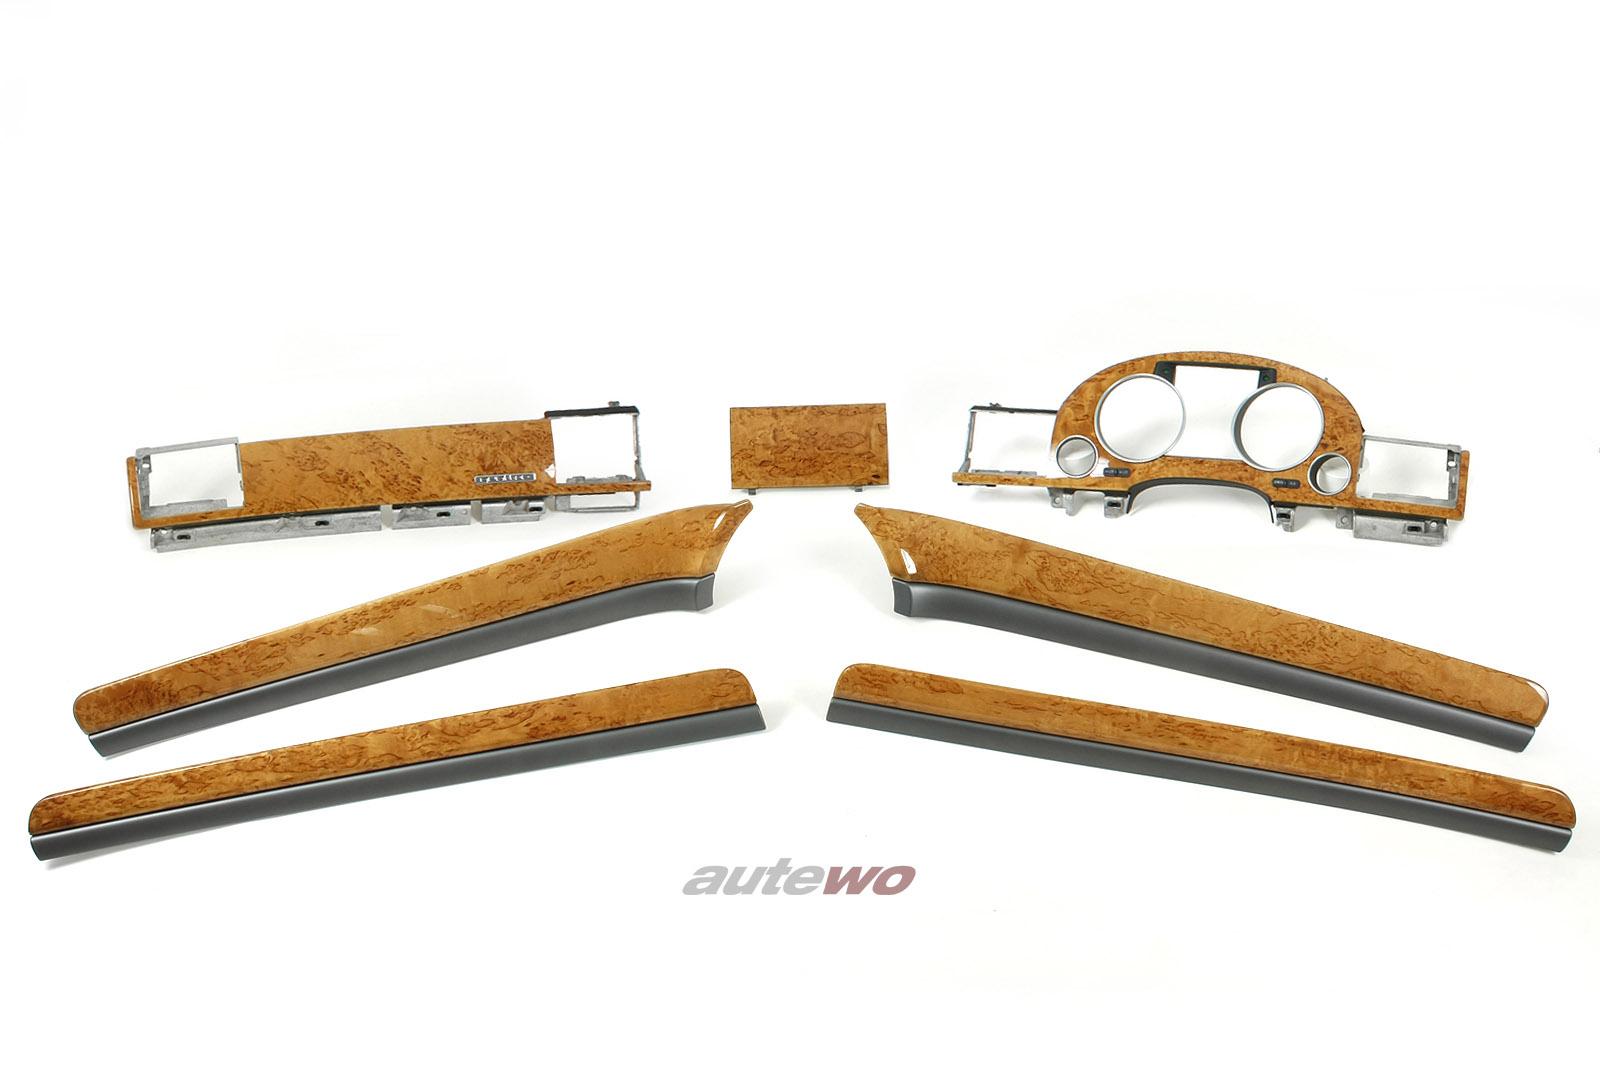 NEU Audi A8 D3 7-teiliger Holz-Zierleisten-Satz 7L5 beige-birkemaser RHD